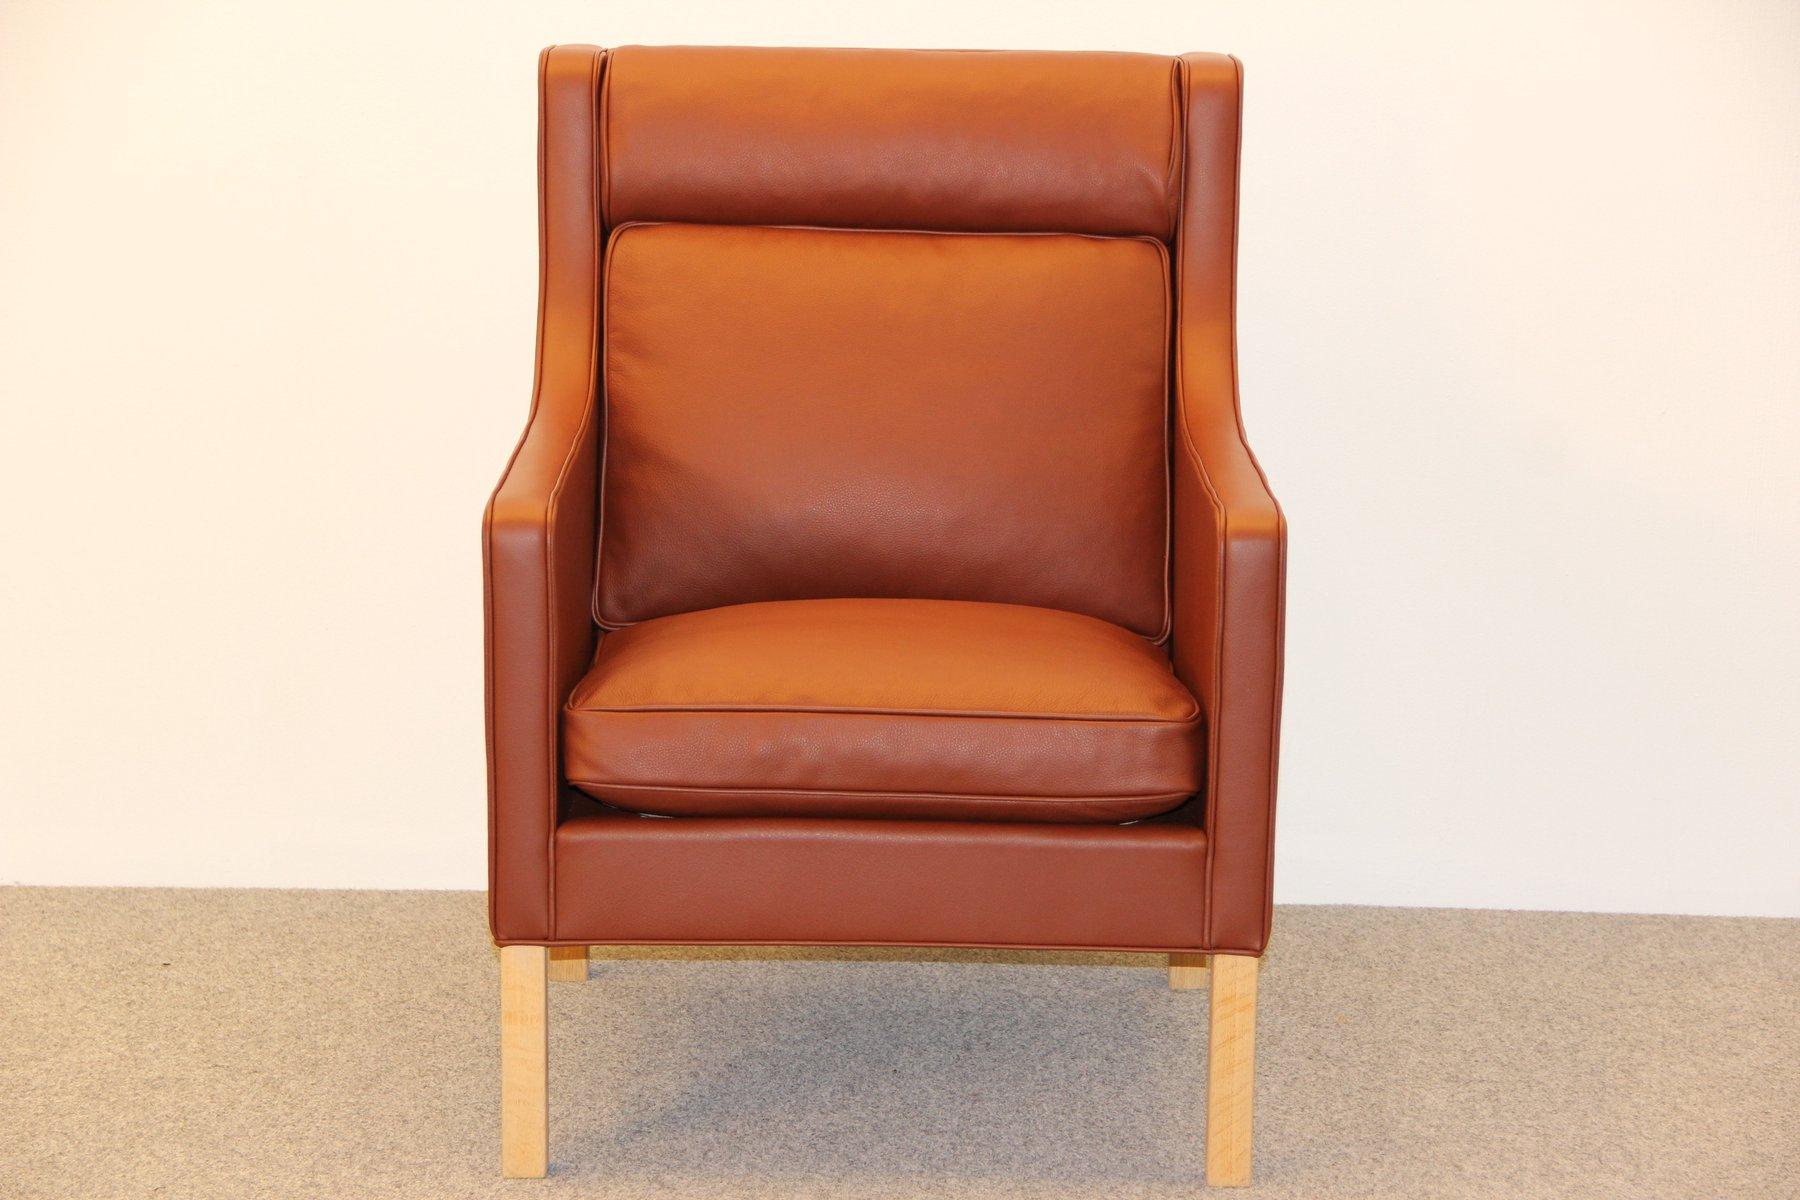 d nischer modell 2431 sessel von b rge mogensen f r fredericia furniture bei pamono kaufen. Black Bedroom Furniture Sets. Home Design Ideas